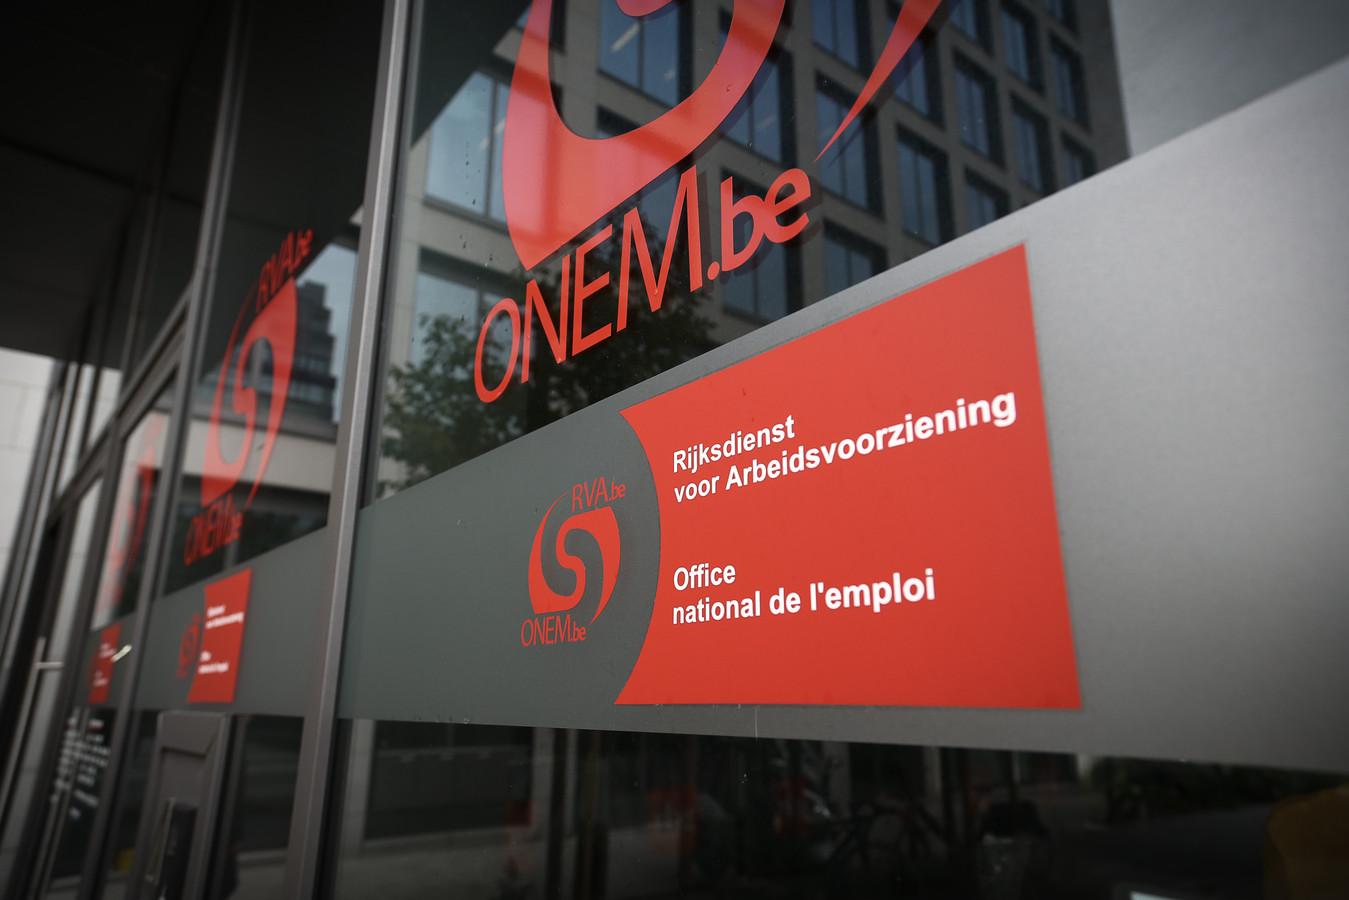 La sixième réforme de l'Etat a transféré aux Régions la compétence de contrôler la disponibilité des chômeurs. Depuis 2016, c'est donc le Forem qui est chargé de contrôler la disponibilité des demandeurs d'emploi pour la Région wallonne.